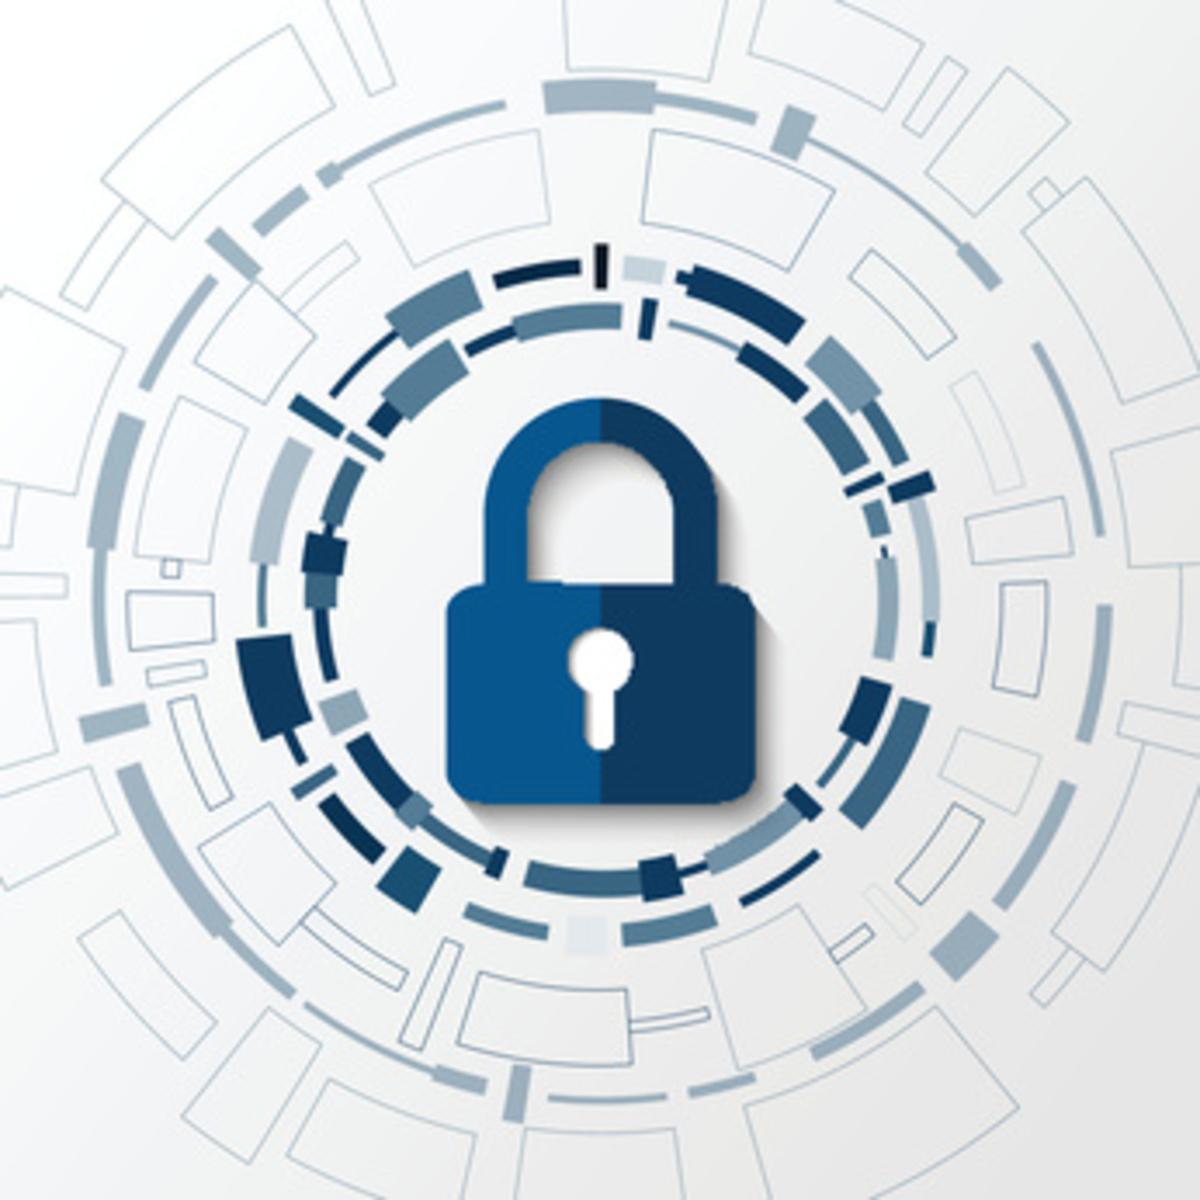 【OSS】サイバーセキュリティ対策用OSSツール7選---NSA(アメリカ国家安全保障局)が主導して開発する「Ghidra」他